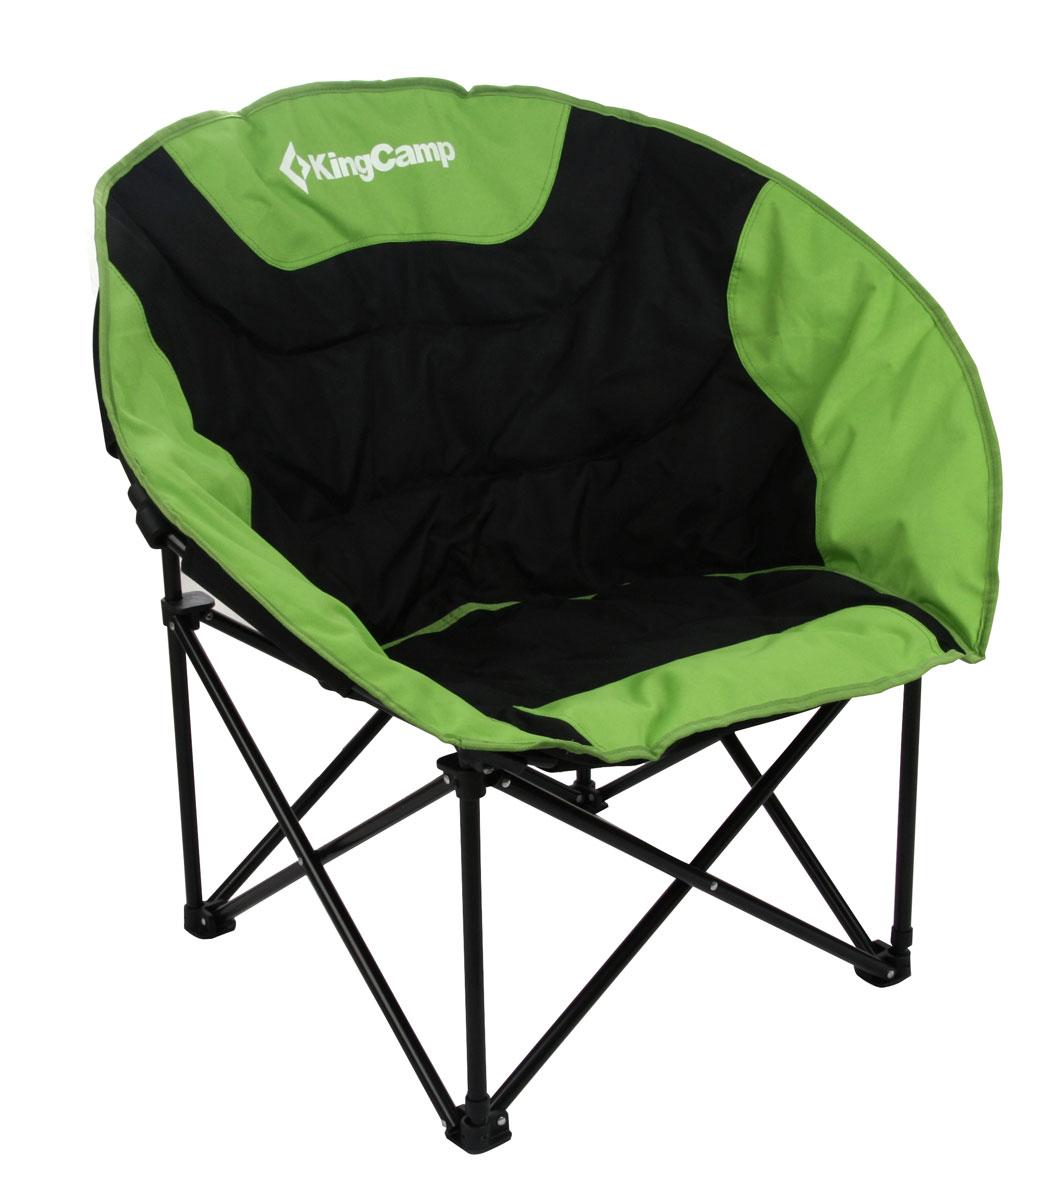 Кресло складное KingCamp Moon Leisure Chair, цвет: зеленыйУТ-000049531Складное круглое кресло KingCamp Луна с широким сиденьем - незаменимый предмет в походе, на природе, на рыбалке, а также на даче. Кресло имеет прочный металлический каркас и покрытие из уплотненного мягкого текстиля, оно легко собирается и разбирается и не занимает много места, поэтому подходит для транспортировки и хранения дома. Для большего удобства к креслу прилагается чехол для хранения с удобной ручкой. Характеристики: Размер в разложенном виде: 84 см х 70 см х 80 см. Высота спинки сиденья: 38 см. Размер в сложенном виде: 90 см х 30 см х 15 см. Материал: полиэстер 600D Oxford с покрытием ПВХ, нержавеющая сталь. Наполнитель: пена PVC. Вес: 4,6 кг. Производитель: Китай. Артикул: 3816 green.